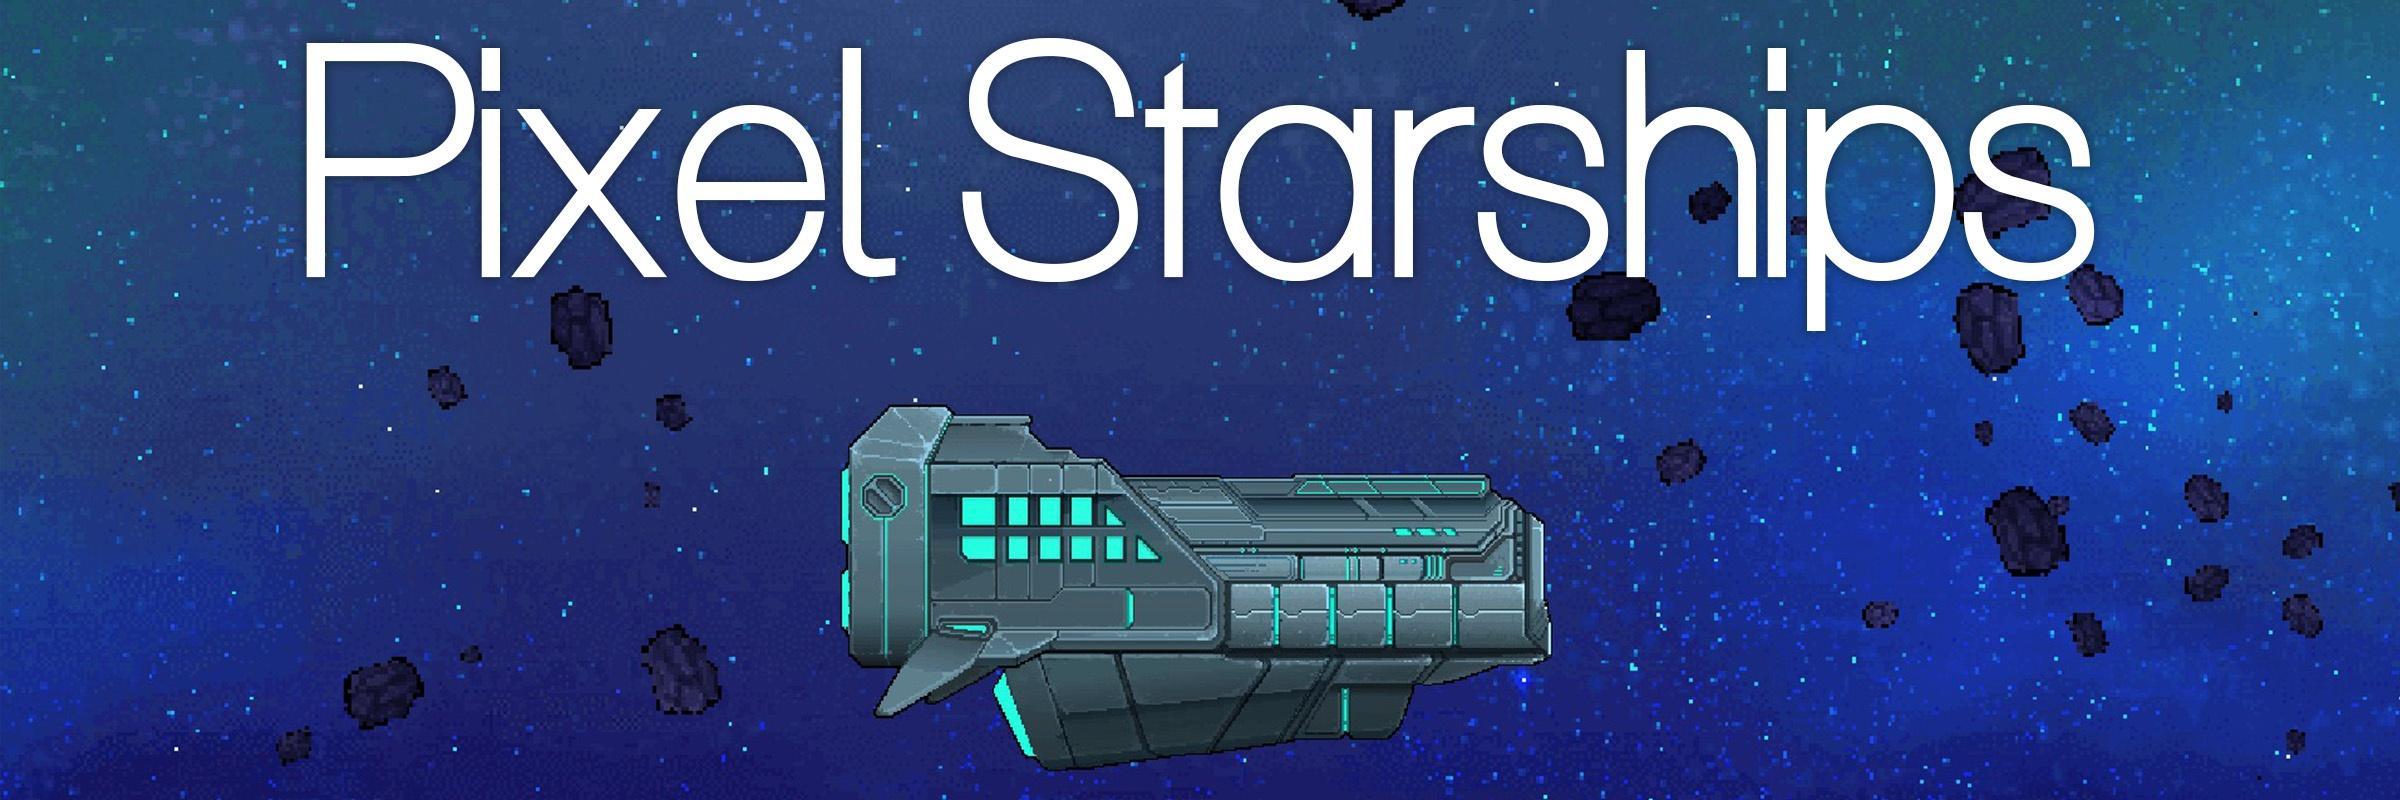 """Screenshot aus der Steam-Version von Pixel Starships mit der Überschrift """"Pixel Starships"""